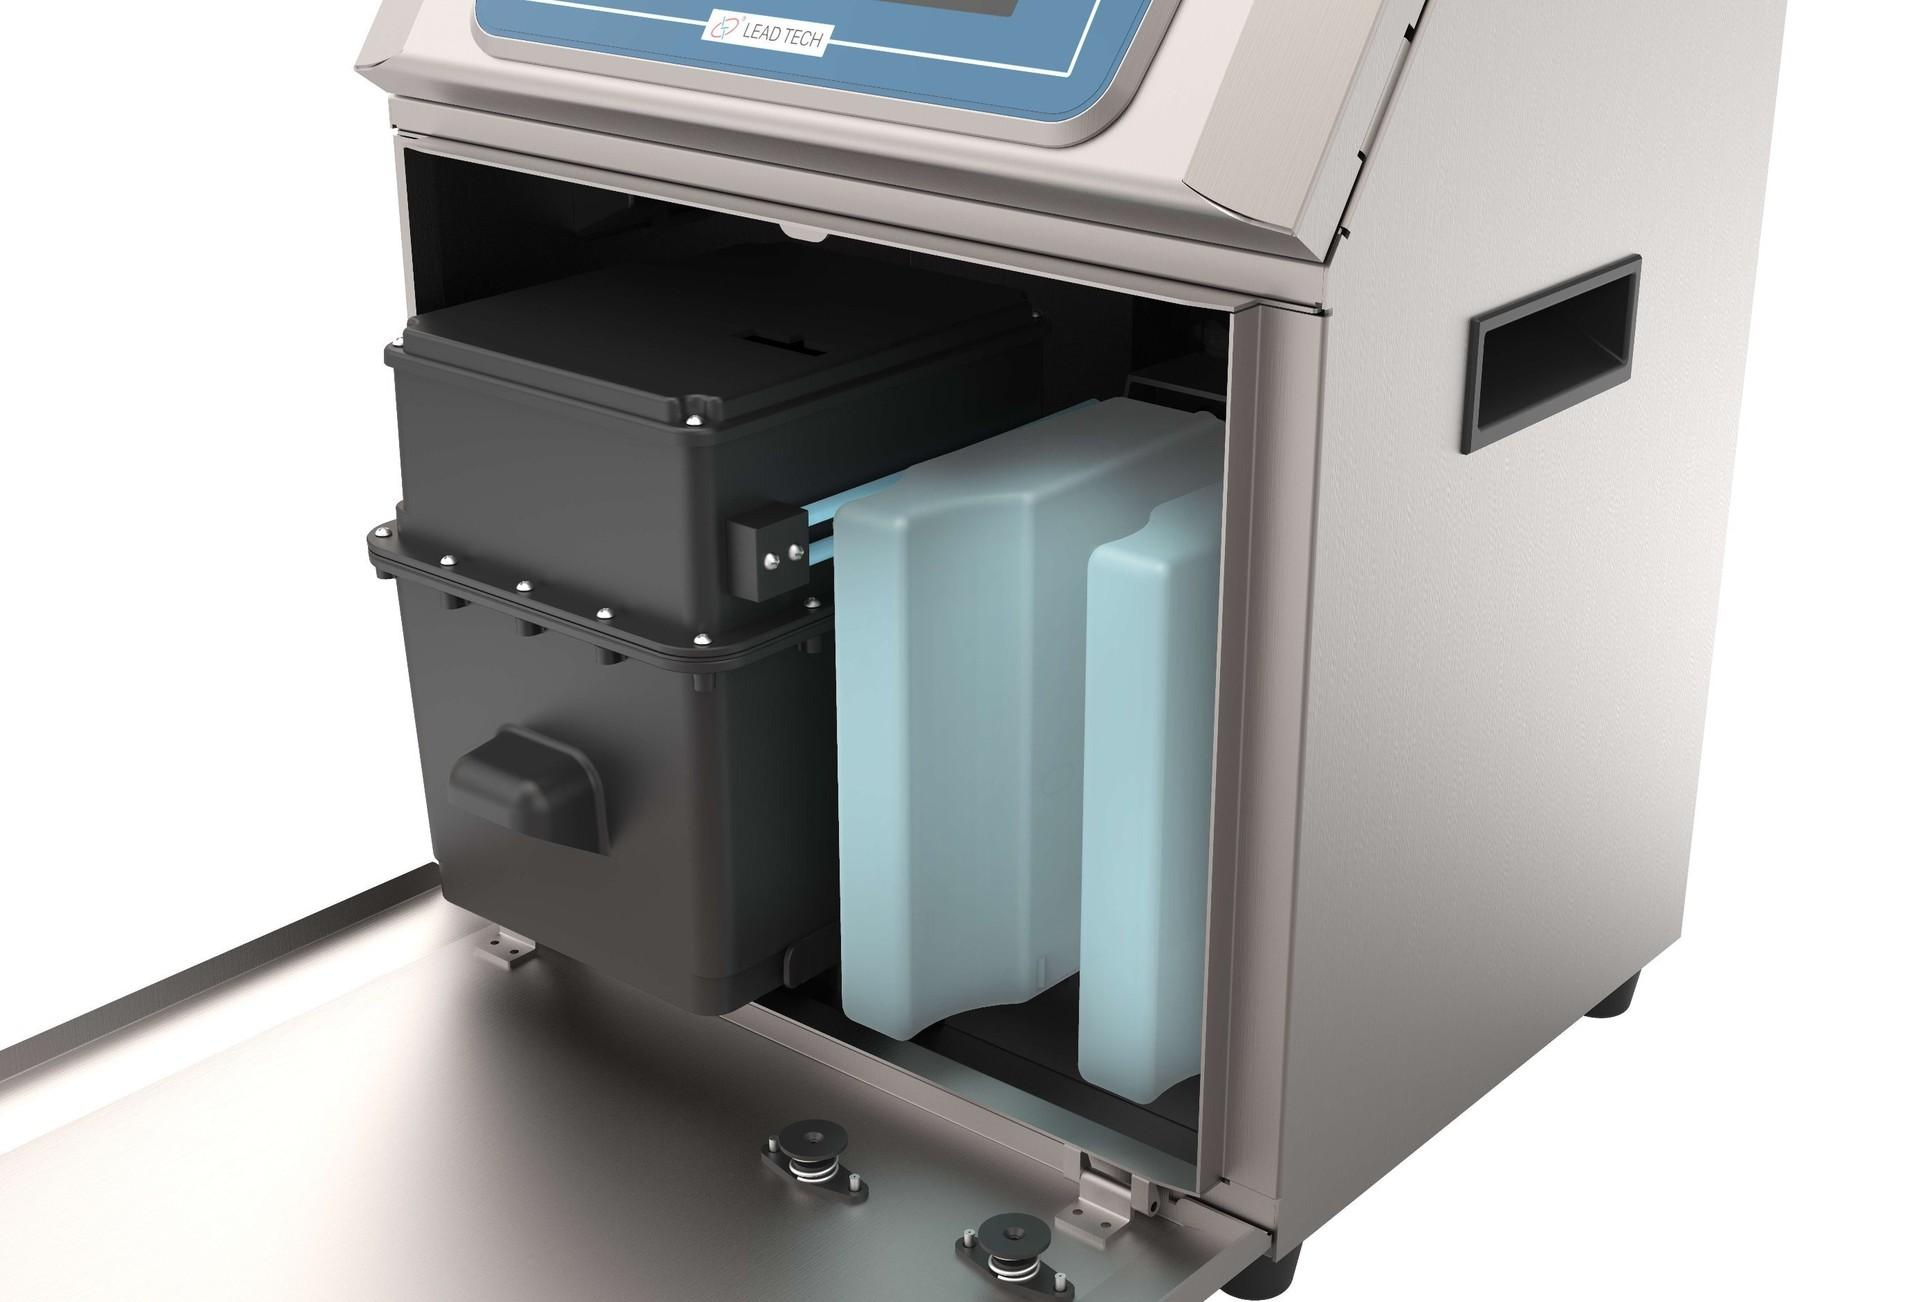 Lead Tech Lt800 Egg Food Packing Coding Cij Inkjet Printer